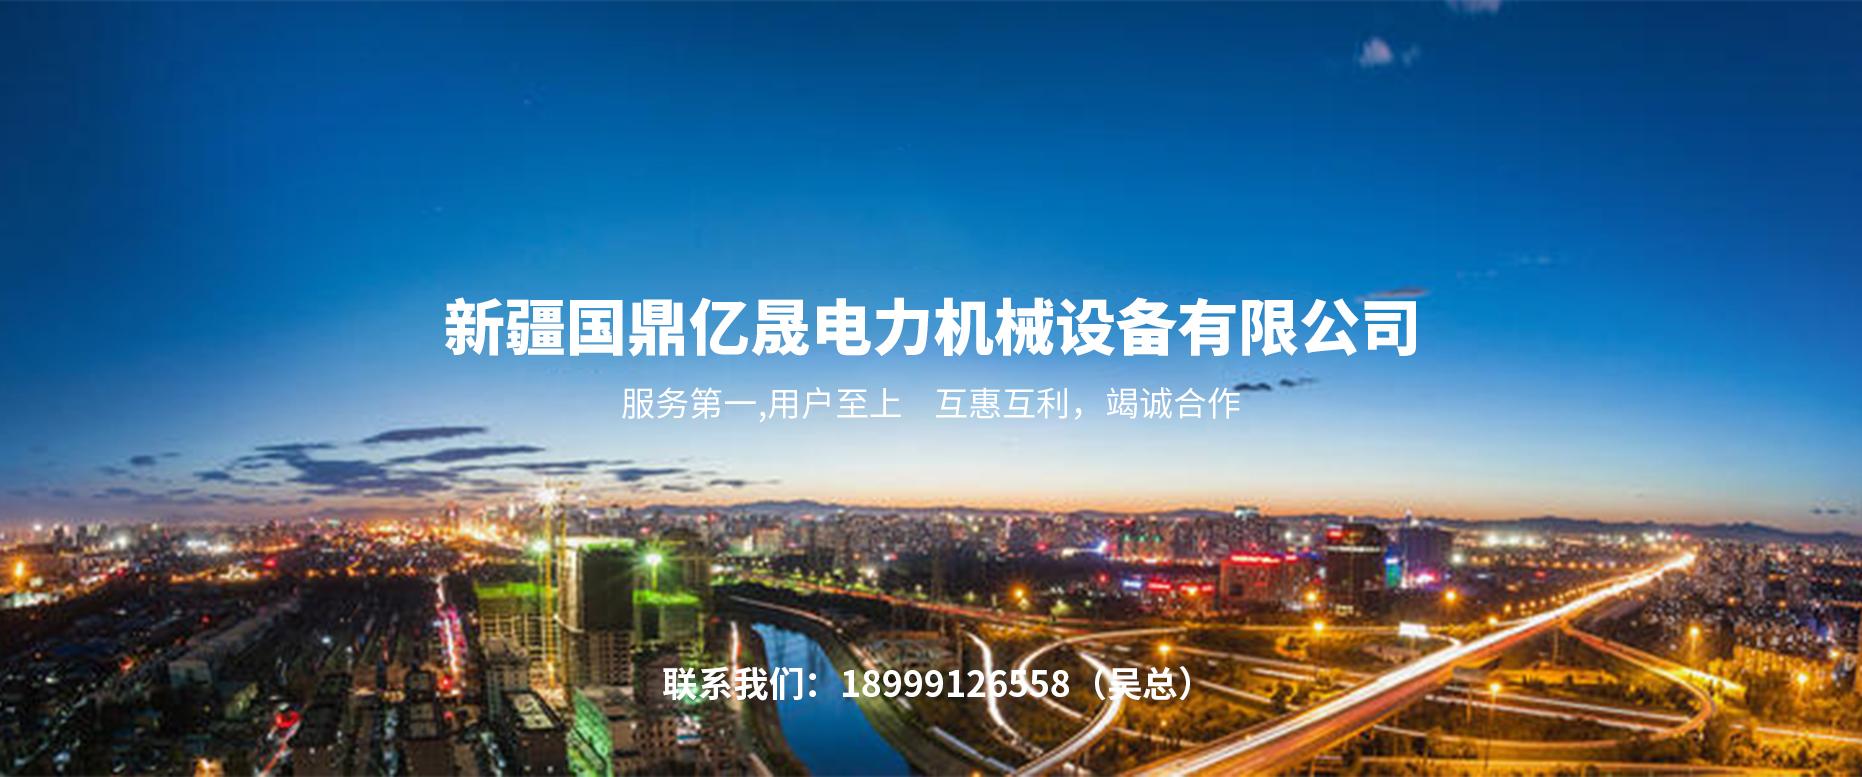 新疆电力机械设备,新疆电力设备,新疆电力设备厂家